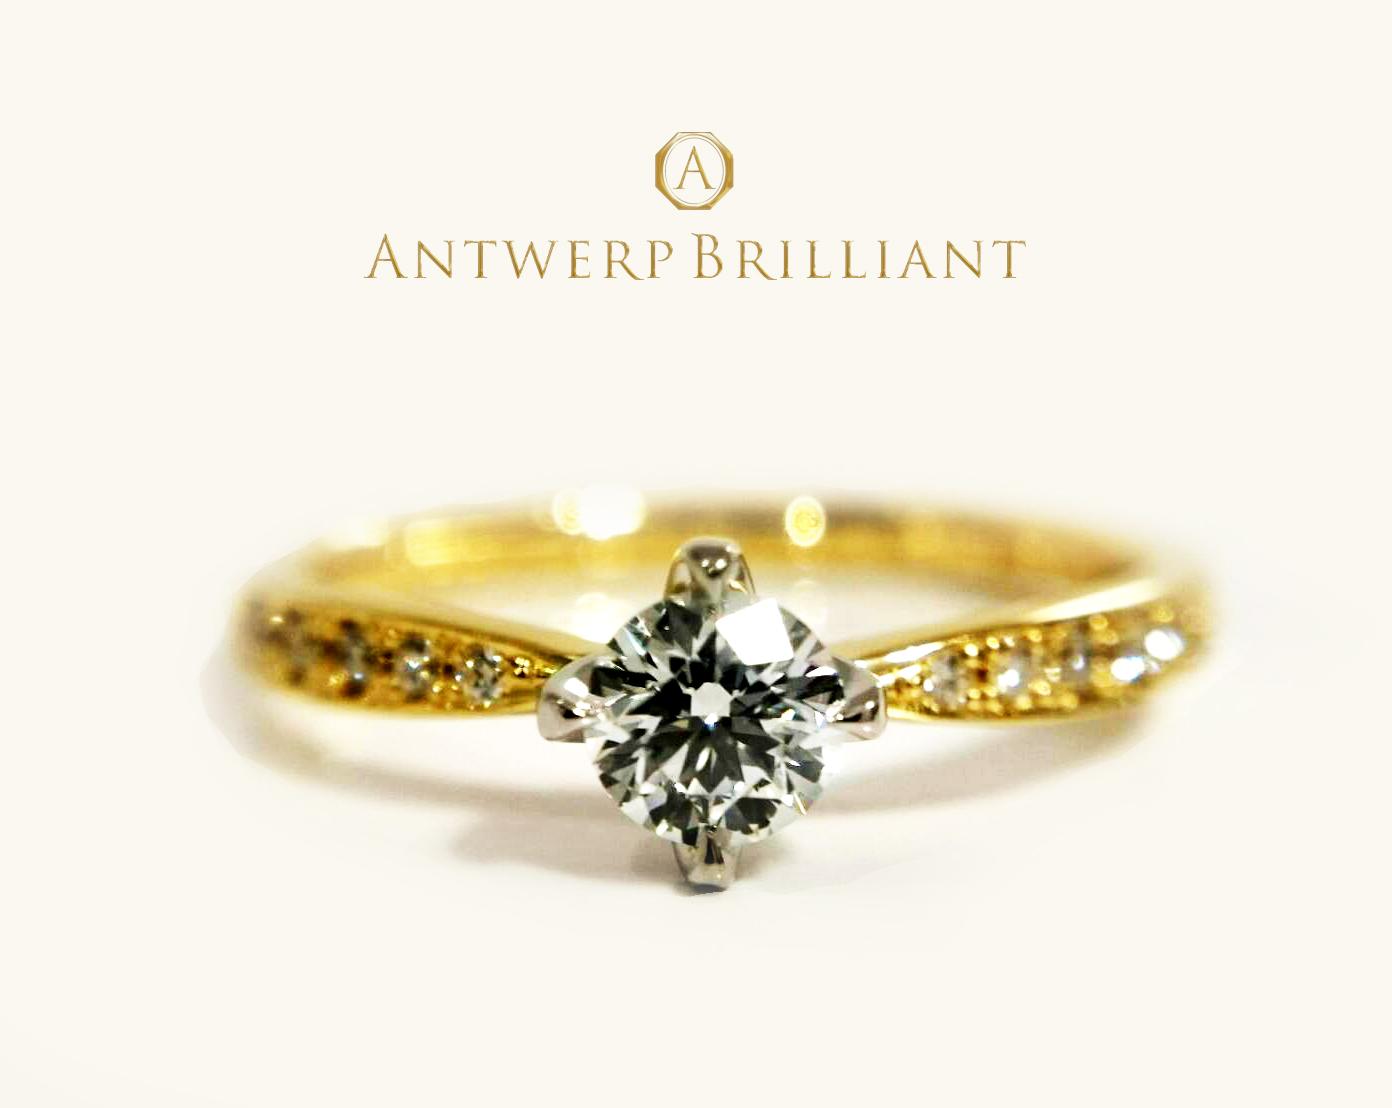 """""""Sirius""""4 claws collet Daimond side line Ring ダイヤモンドが美しい、上品で華やかなエンゲージリング♡!BRIDGE銀座で見つけた指を美しく魅せてくれるストレートの婚約指輪はこれ♪"""